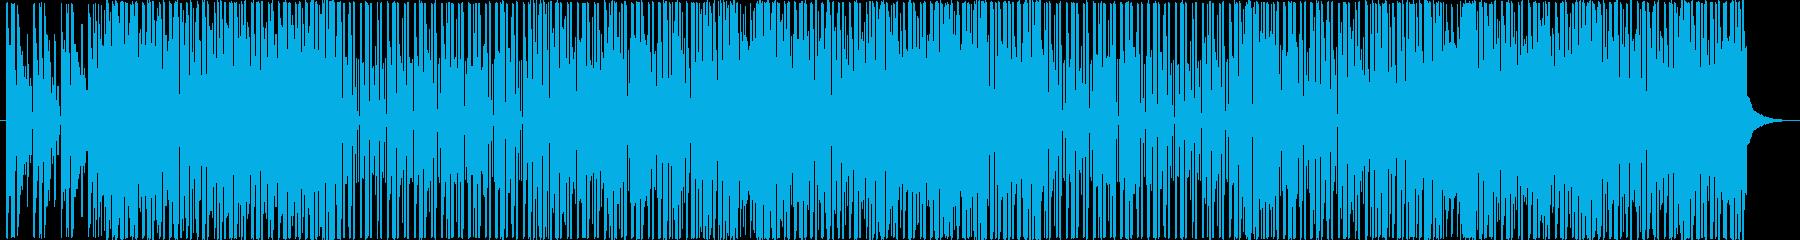 洋楽、パーティーHIPHOPトラックの再生済みの波形